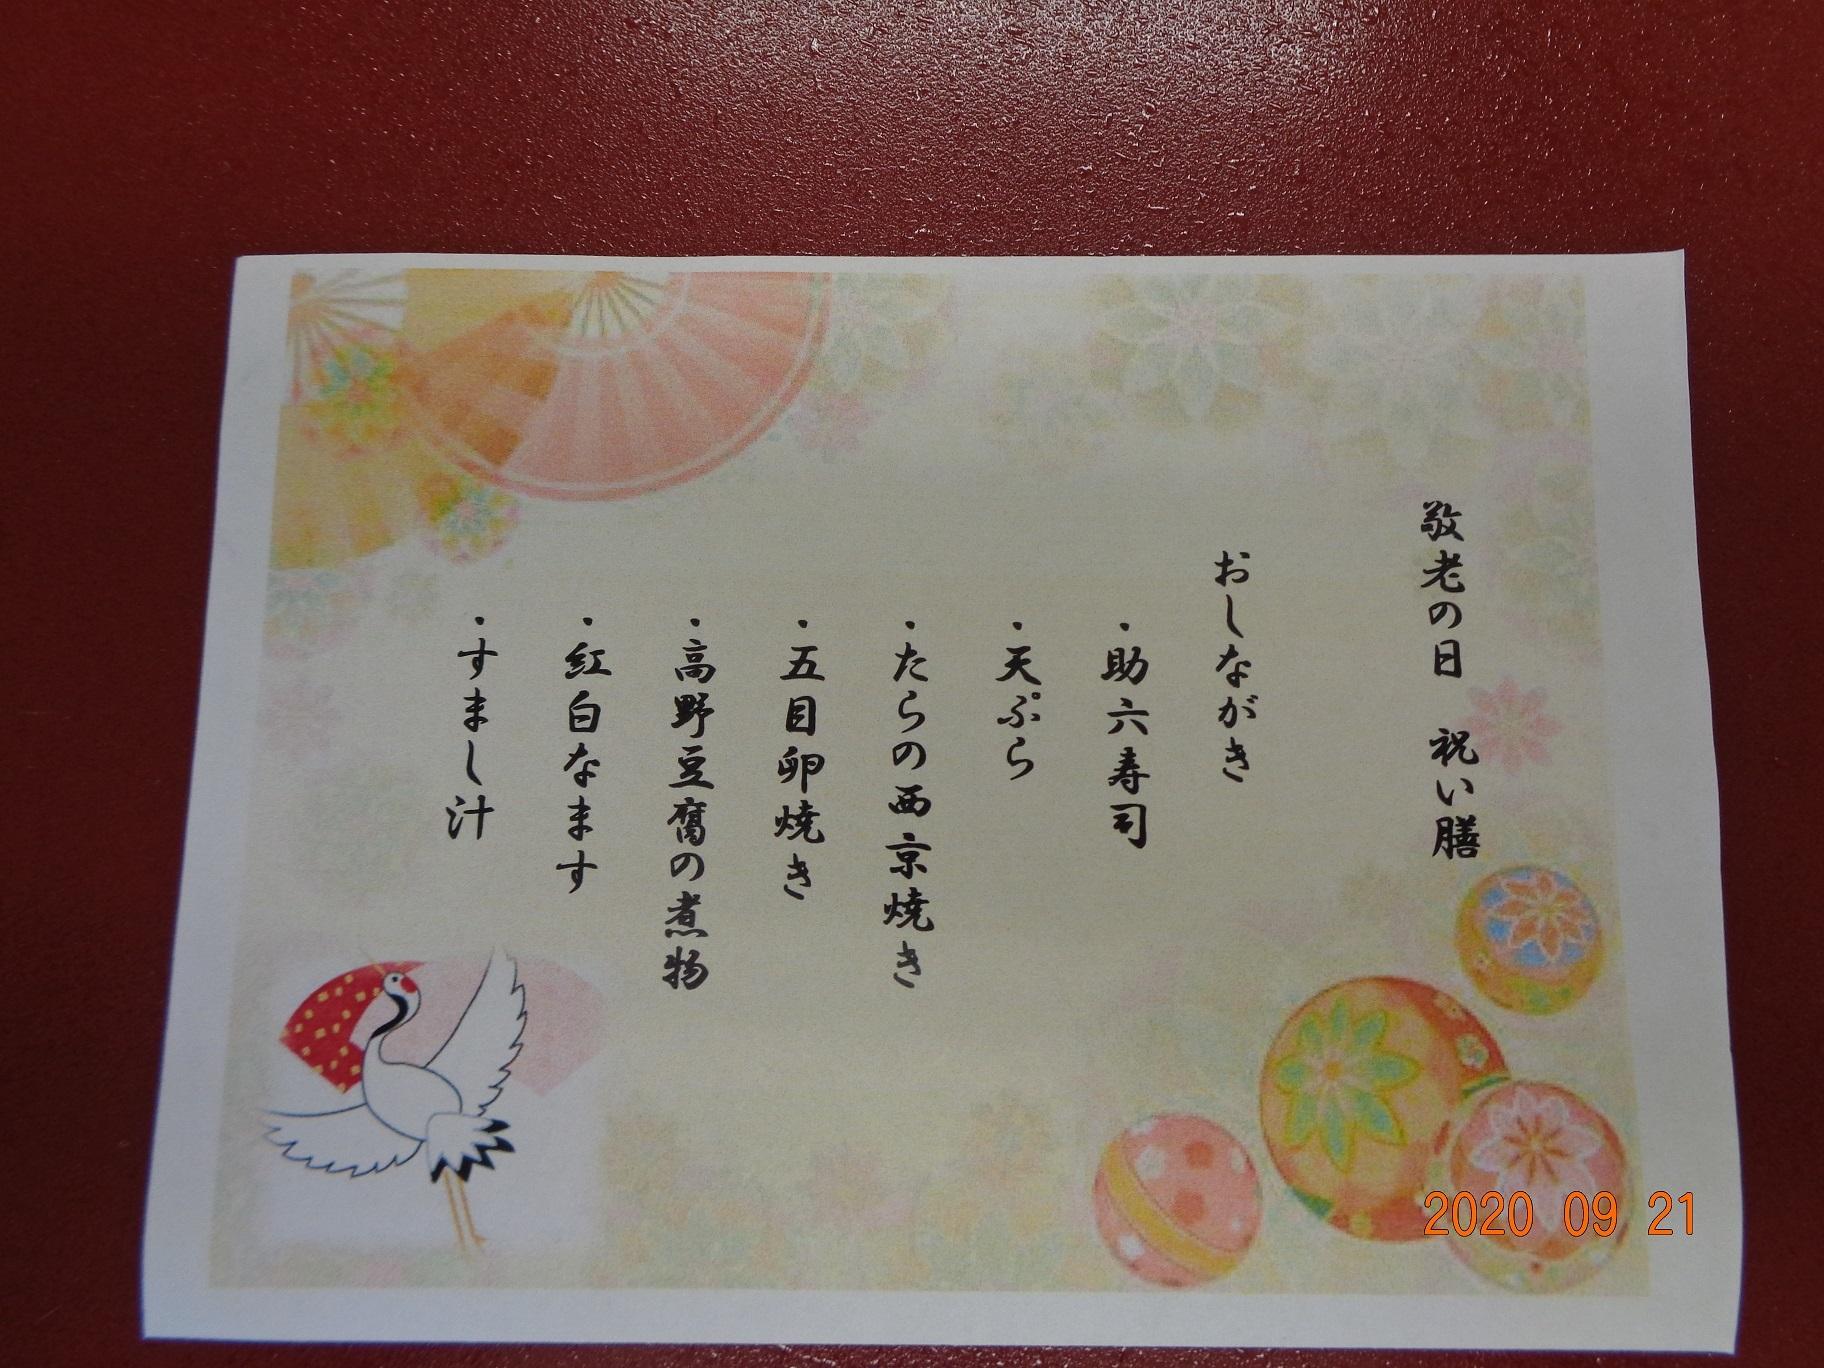 tyoujyugozen202009210076.jpg